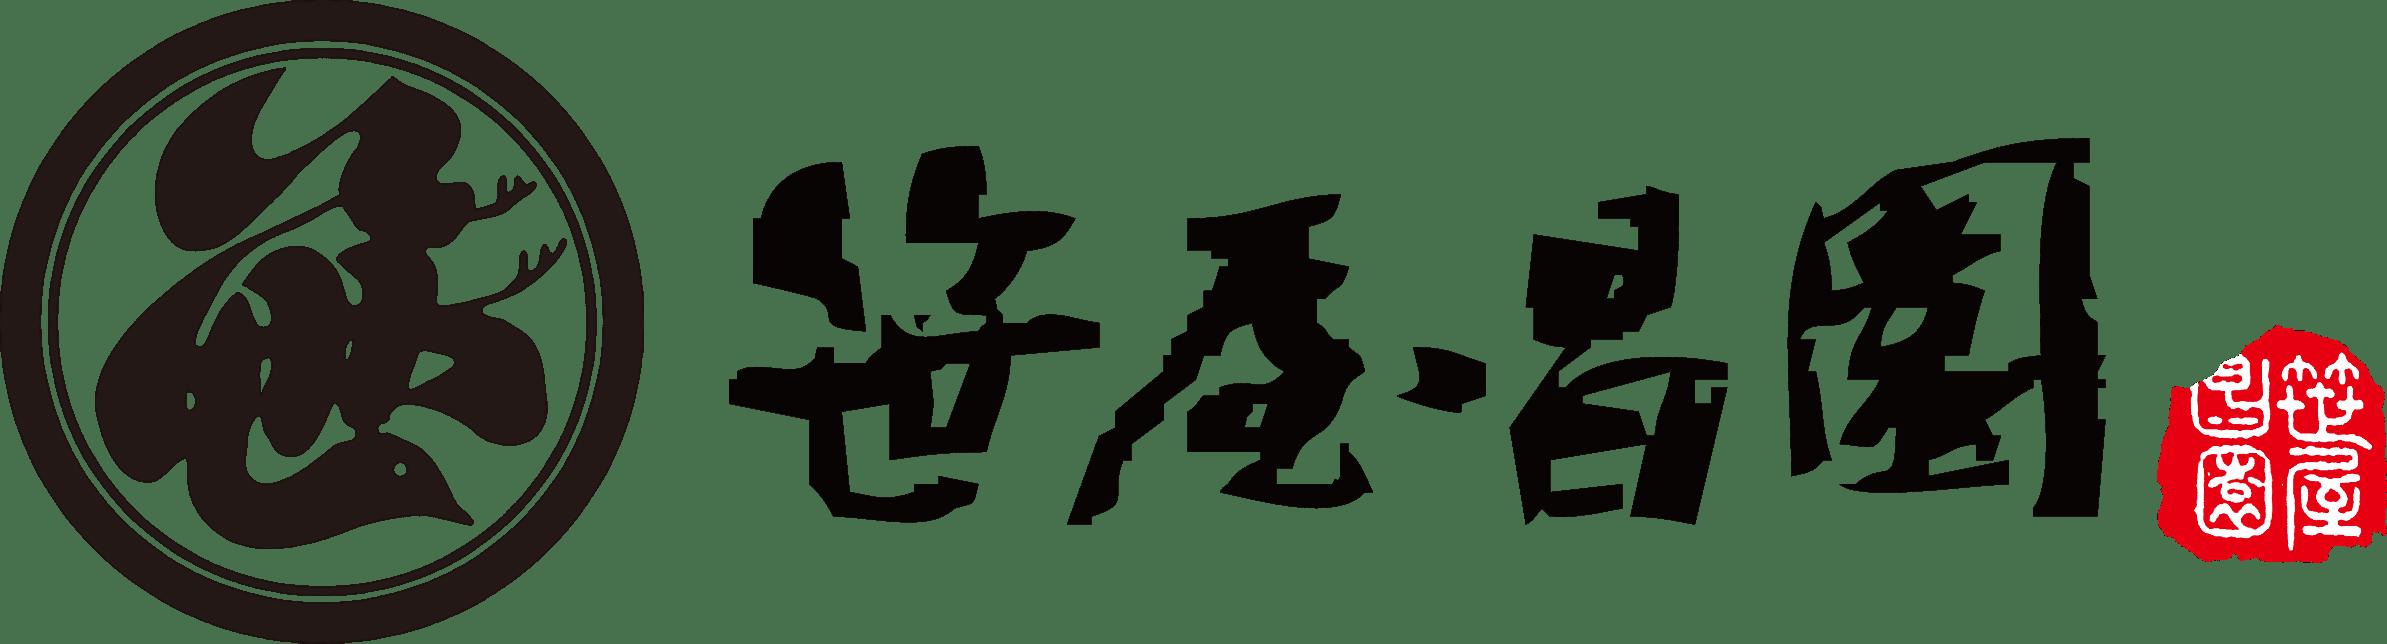 笹屋昌園ロゴ